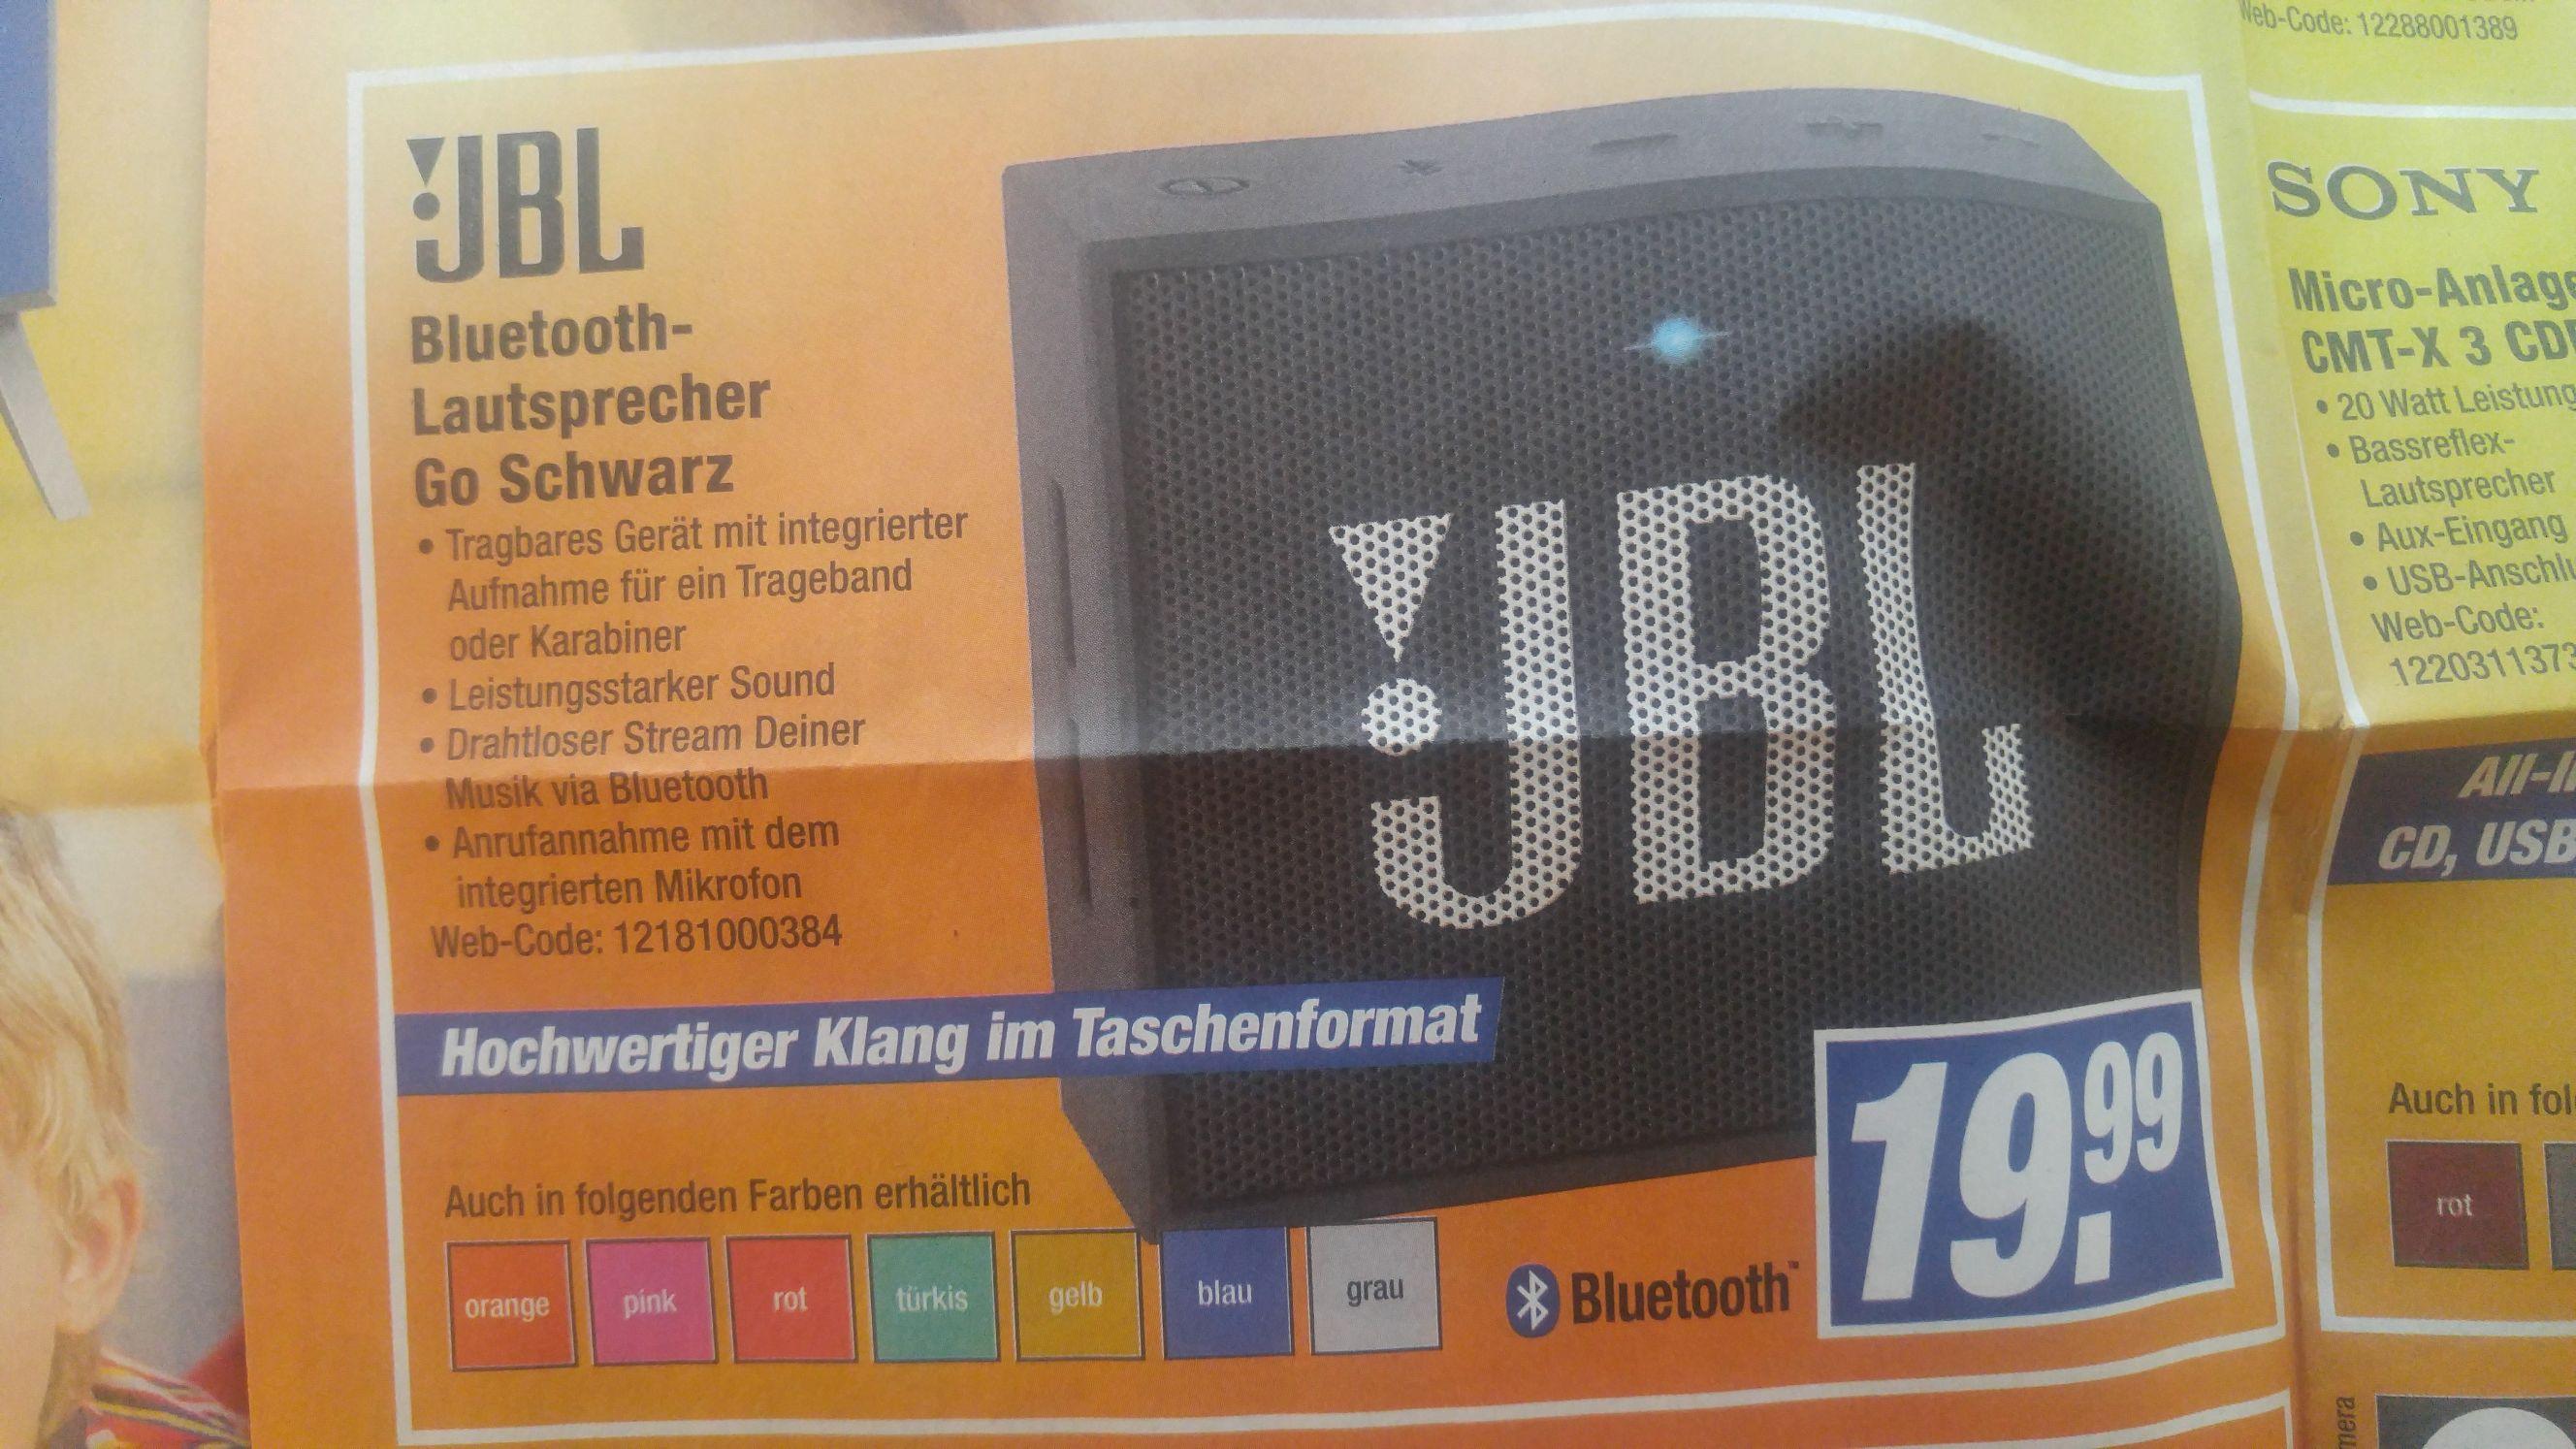 JBL Bluetooth Lautsprecher Go